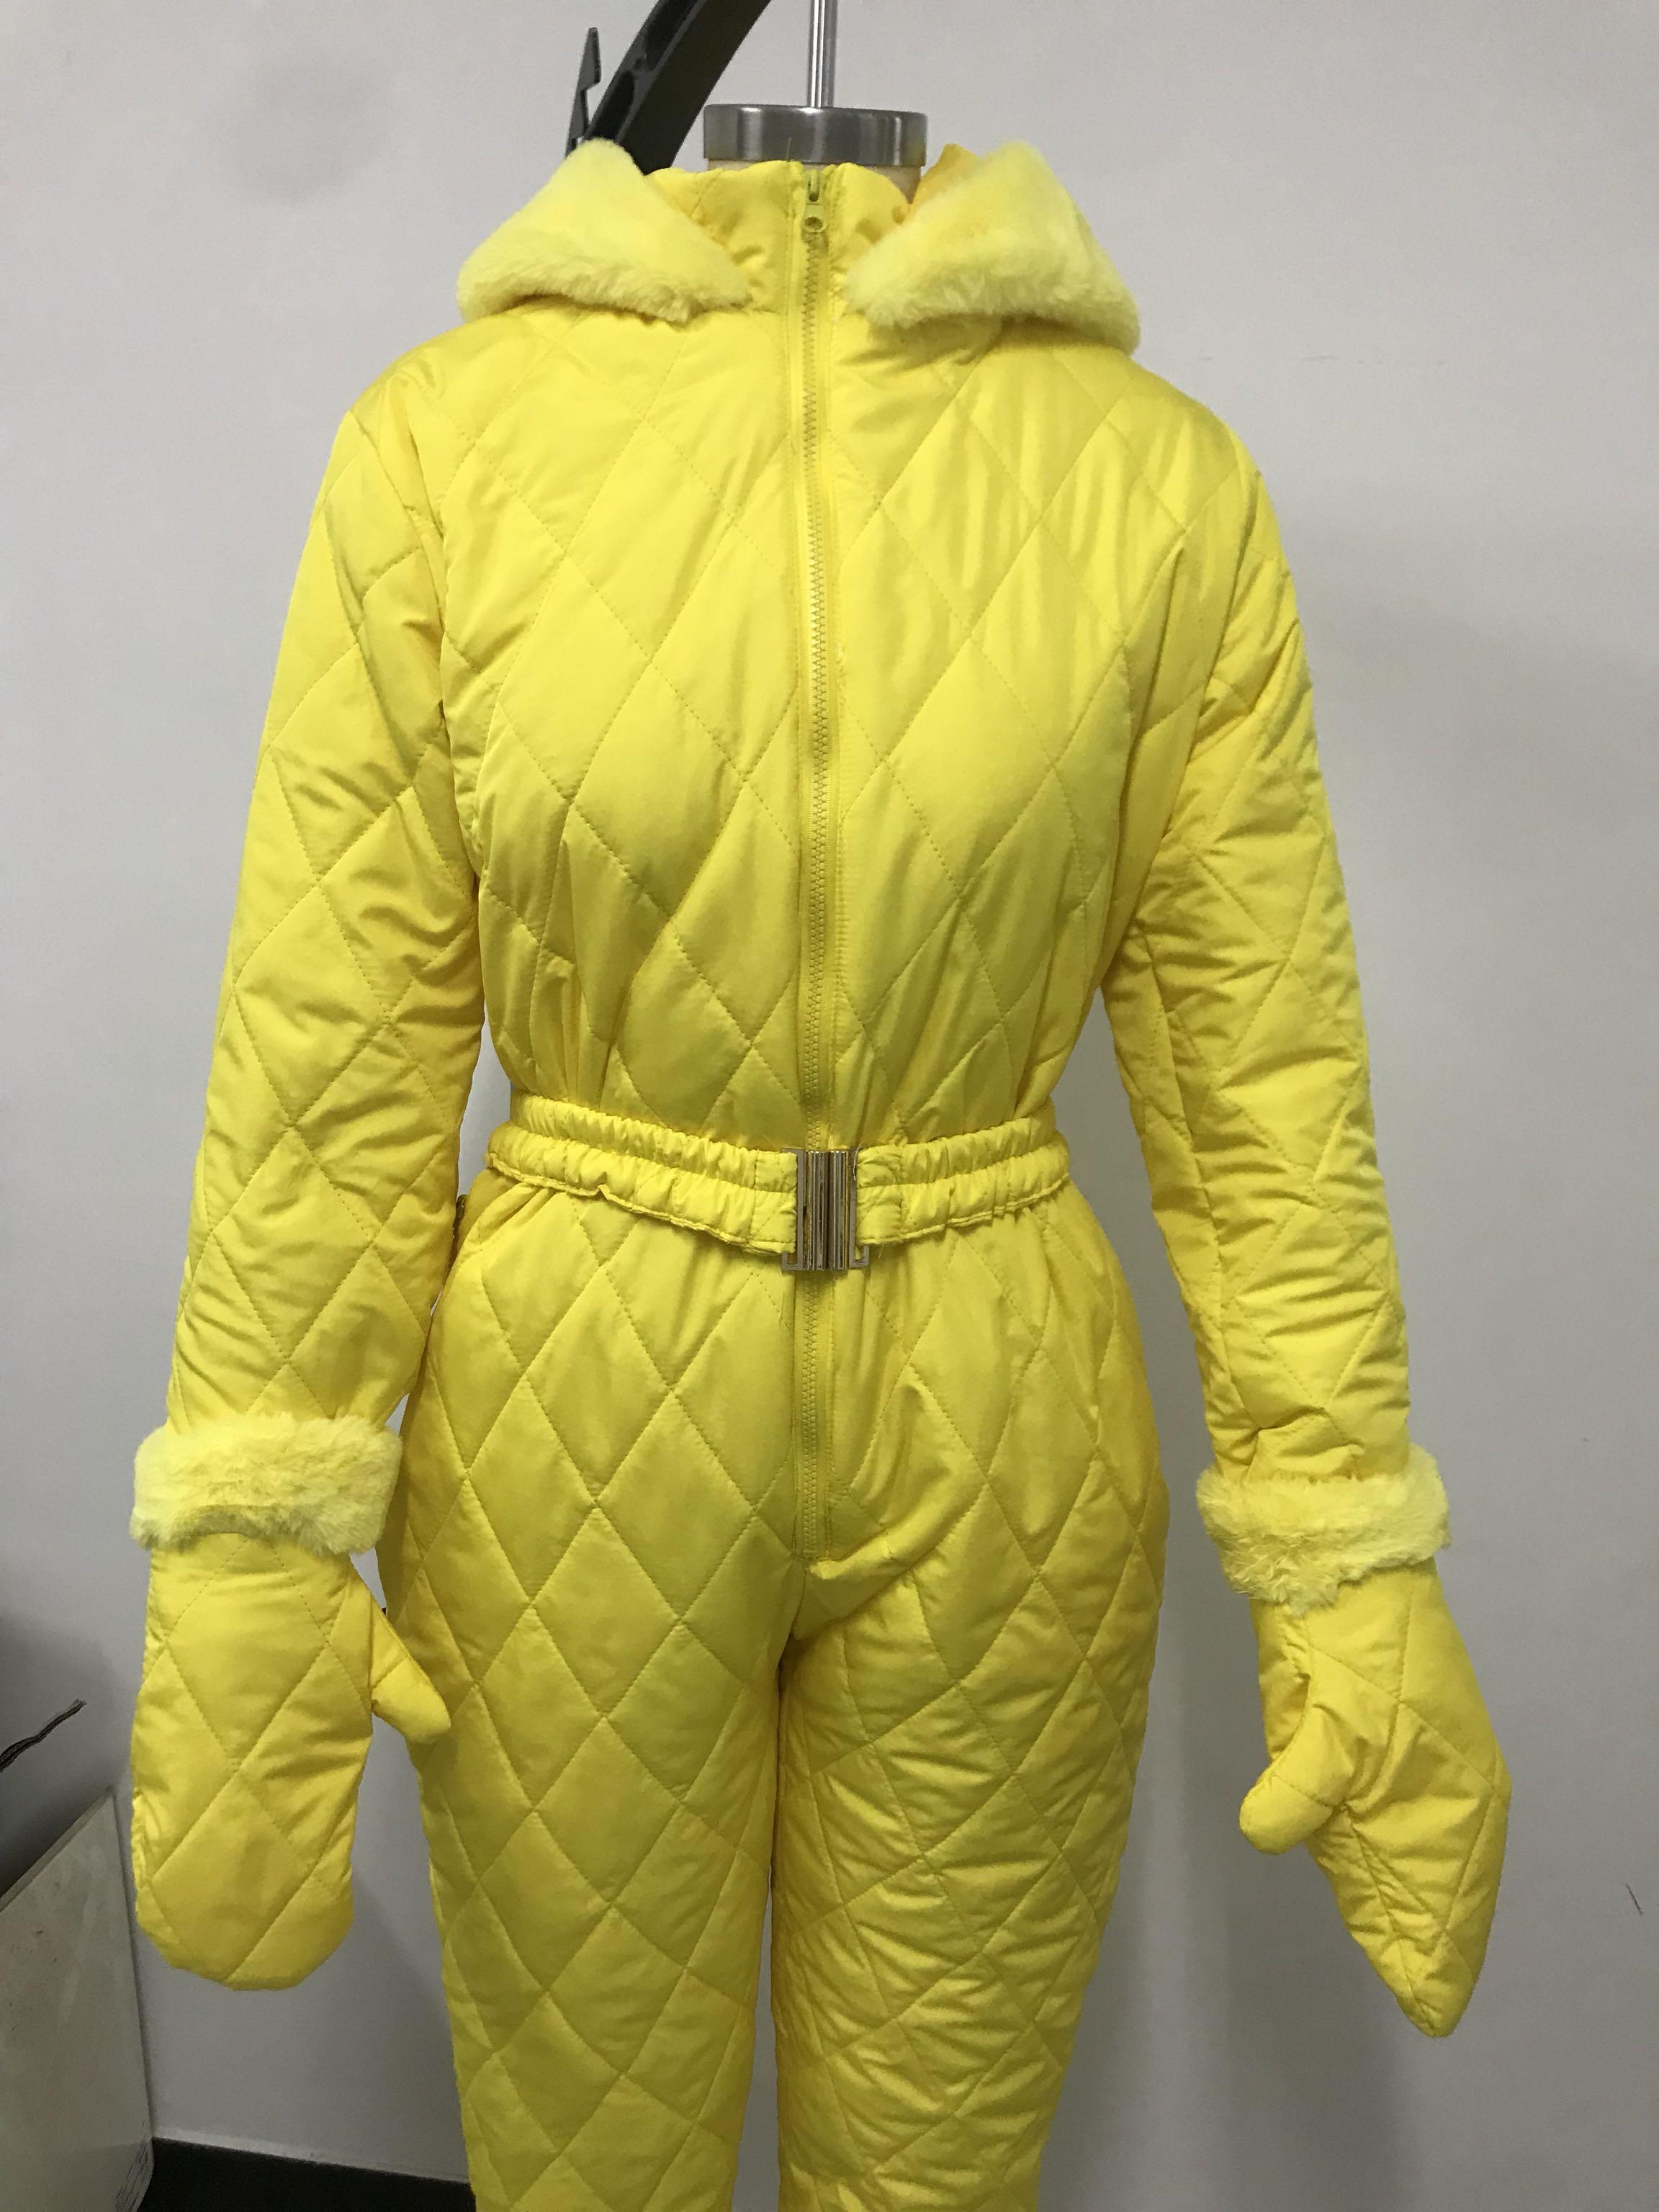 Women Winter Jumpsuit Zipper Ski Suit Warm Snowsuit Outdoor Sports Pants Ski Suit Waterproof Jumpsuit Large Size TH36